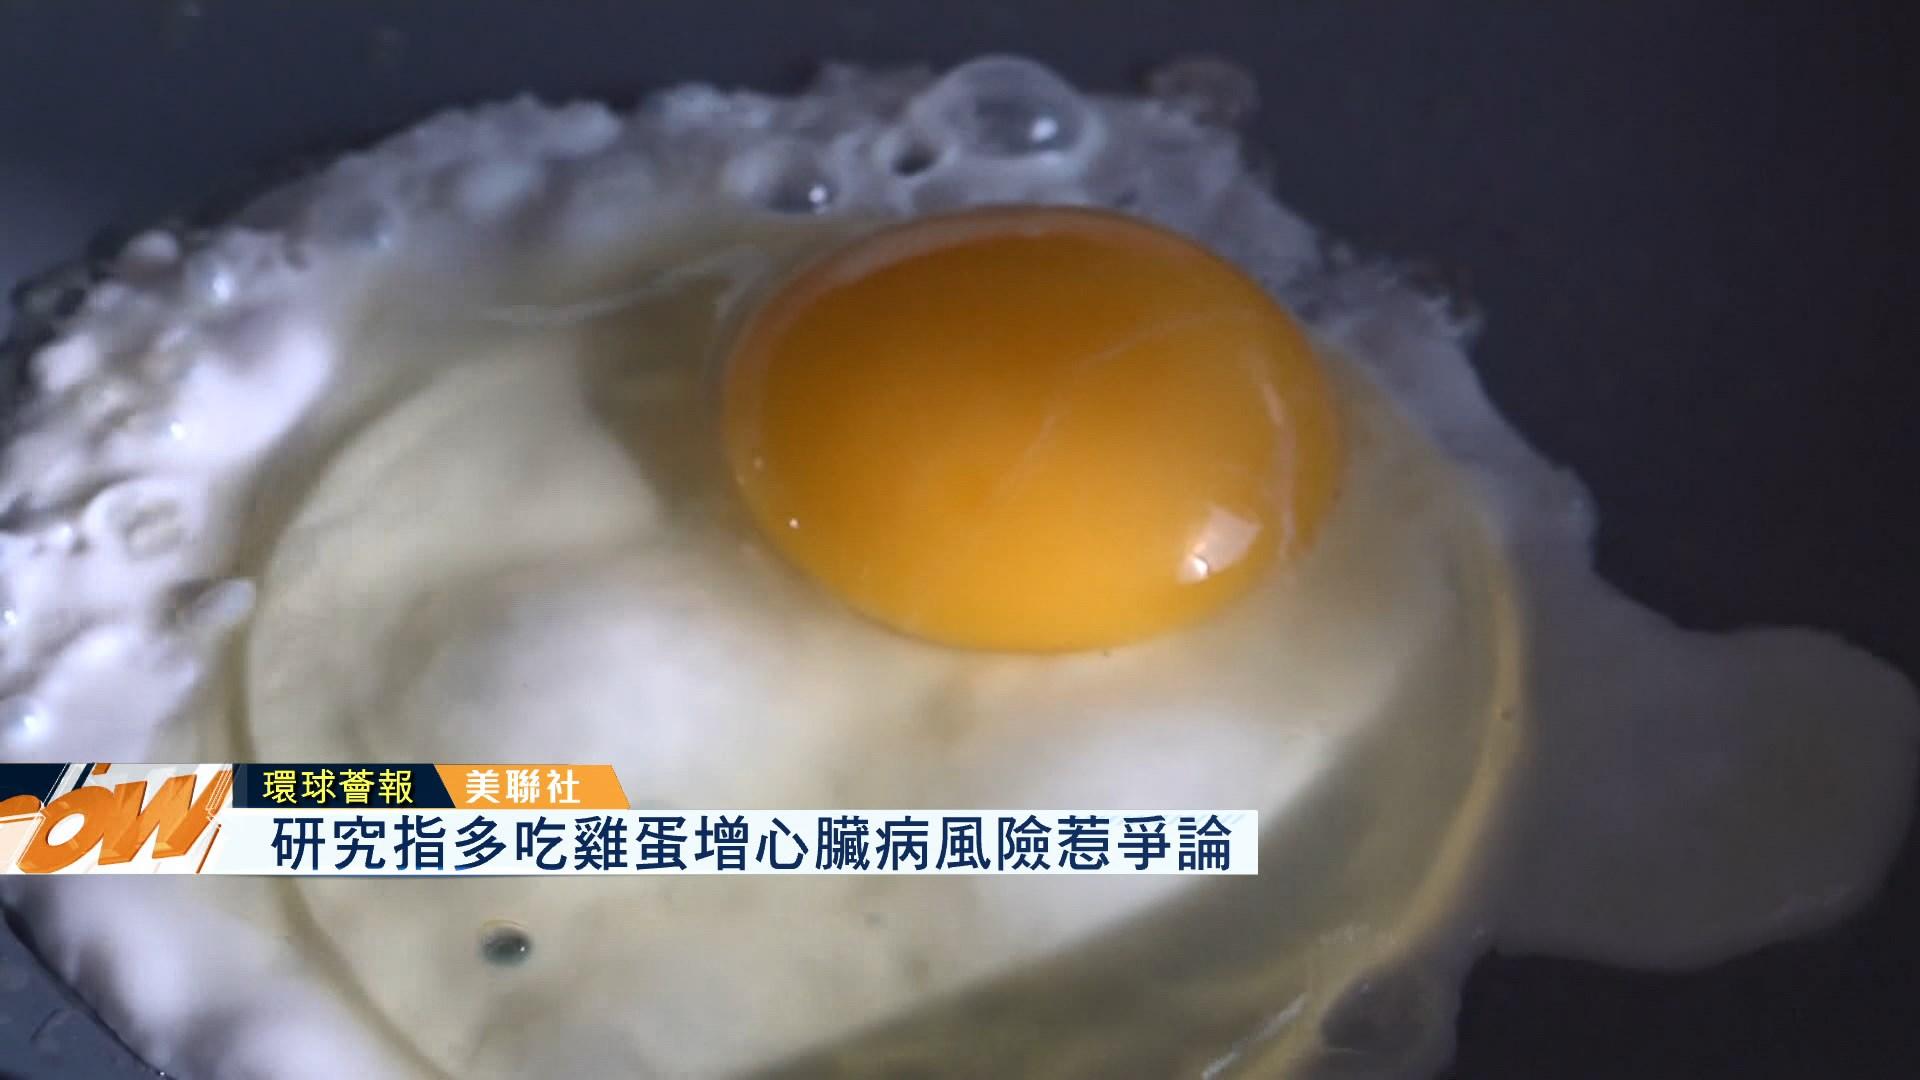 【環球薈報】研究指多吃雞蛋增心臟病風險惹爭論